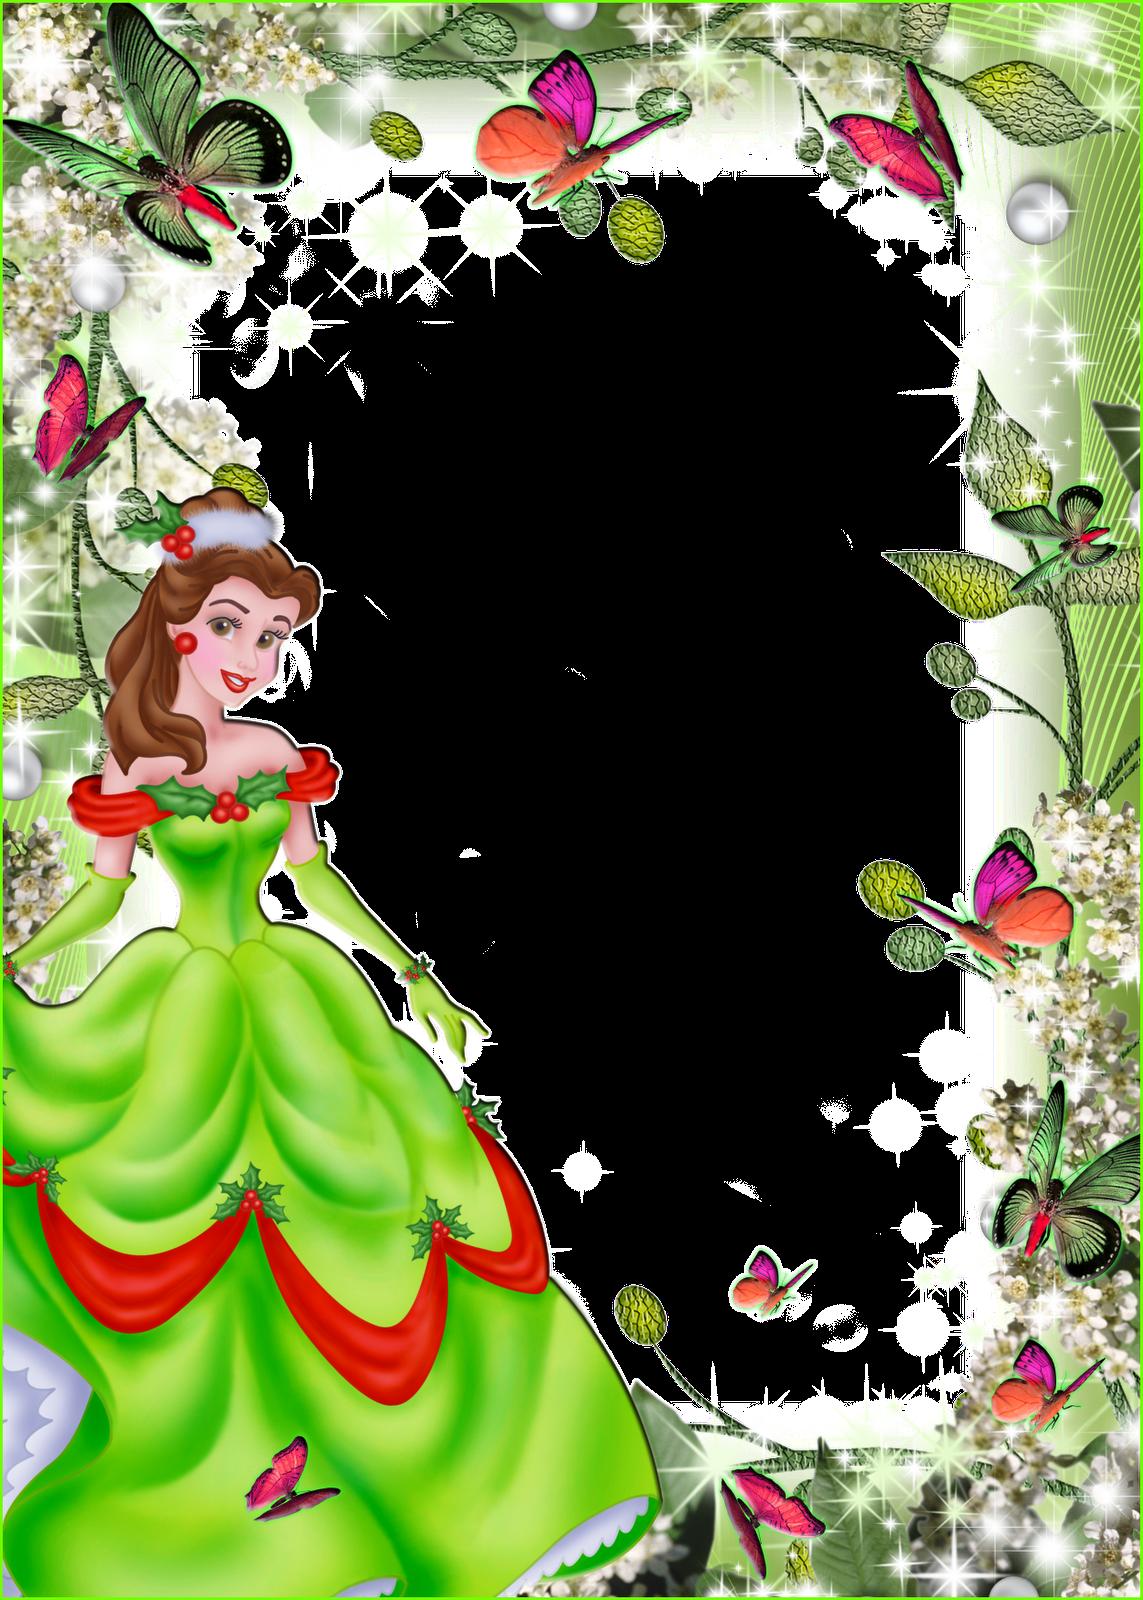 imagens para photoshop frames png fotos princesas disney 3